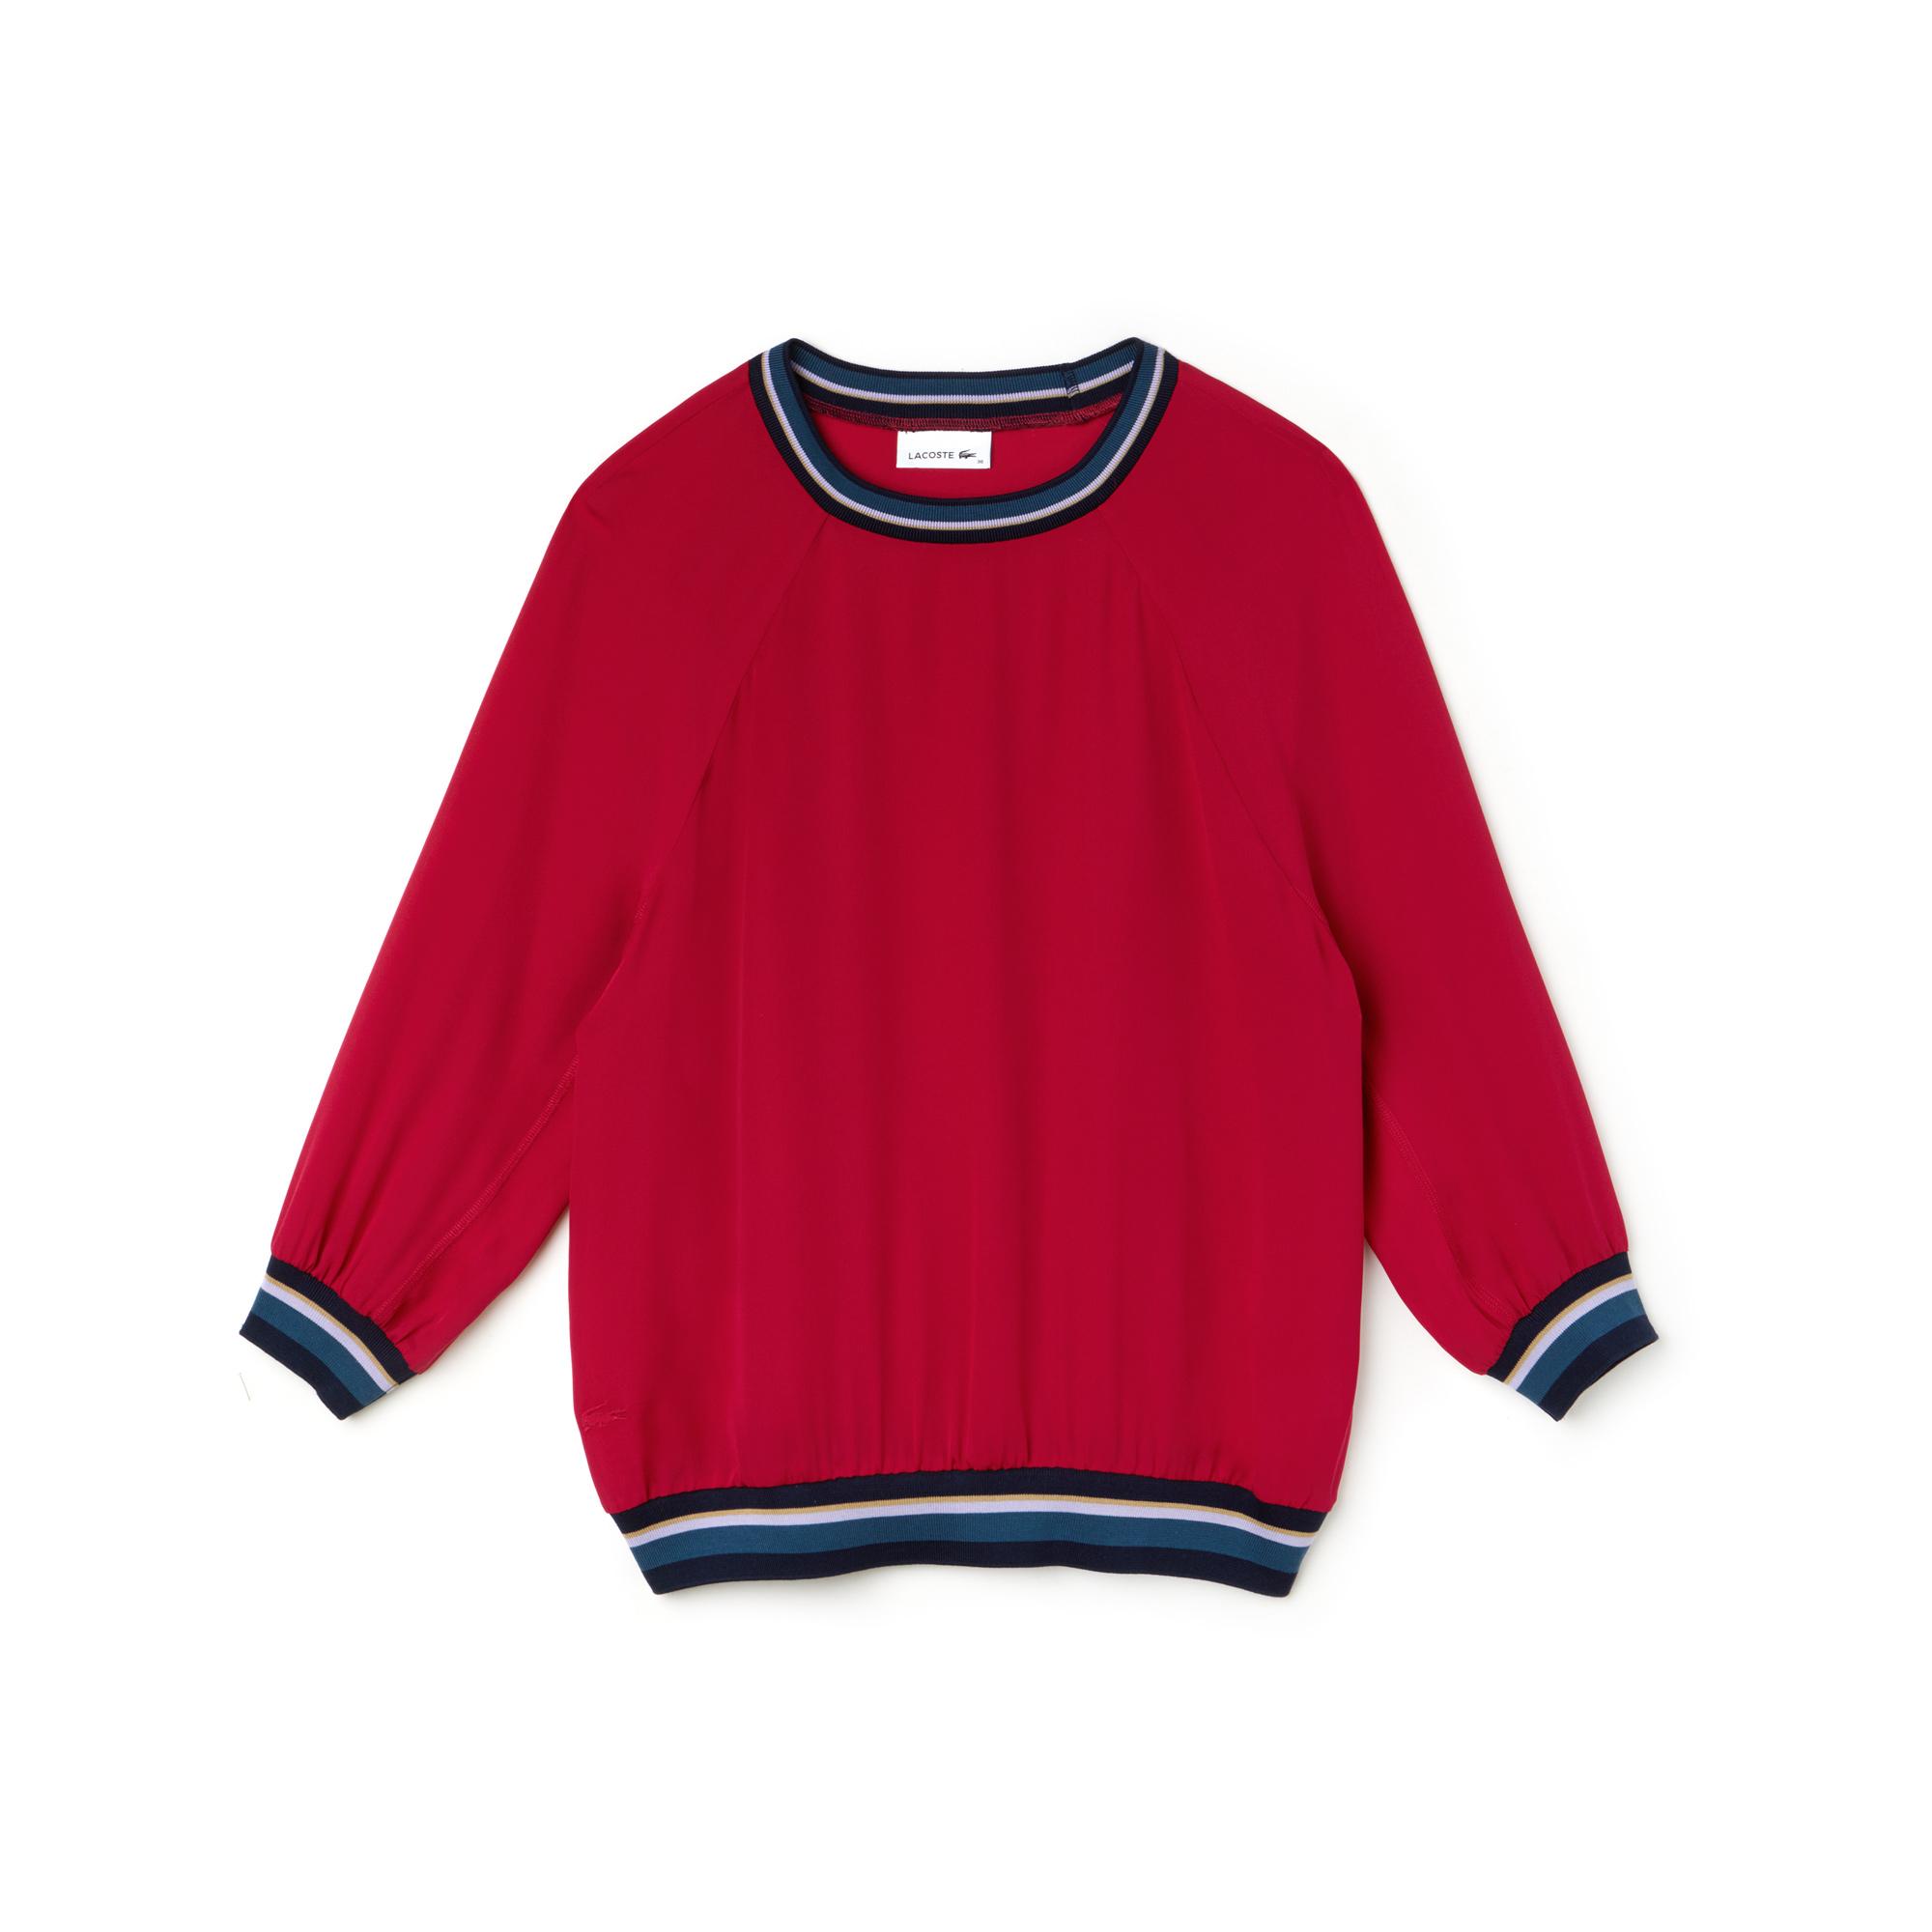 Фото 3 - Женскую рубашку Lacoste красного цвета